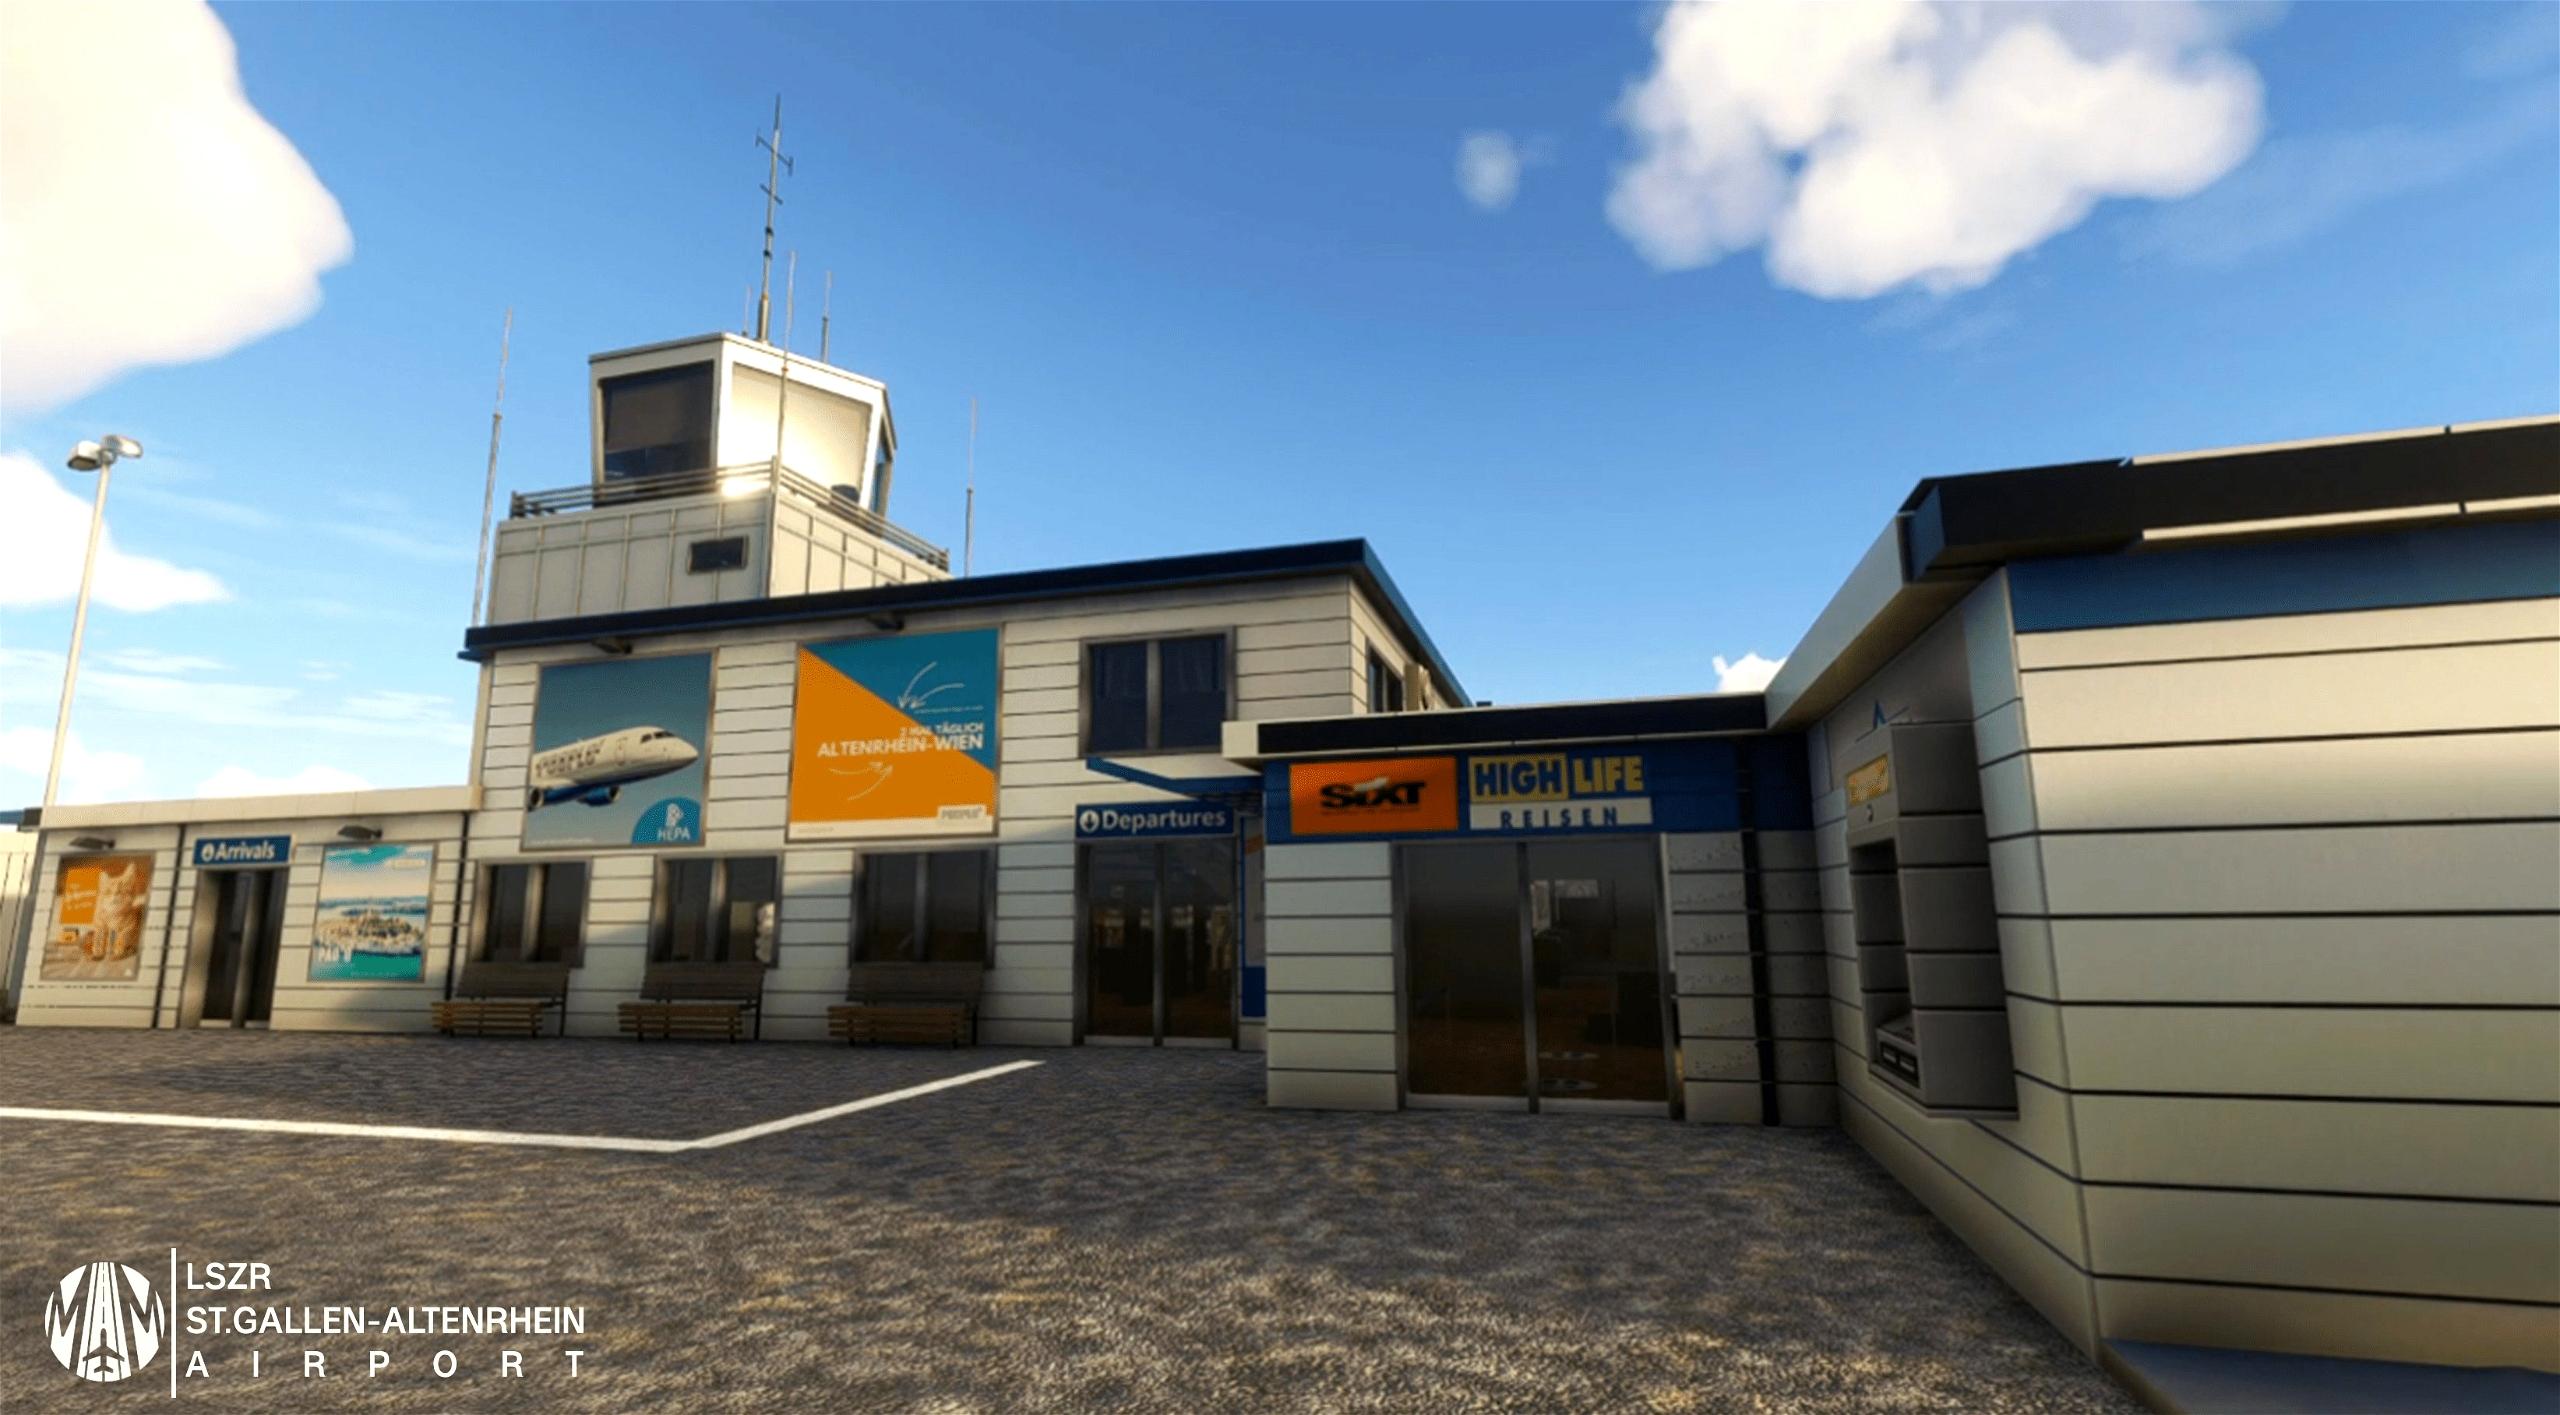 LSZR St.Gallen-Altenrhein Airport